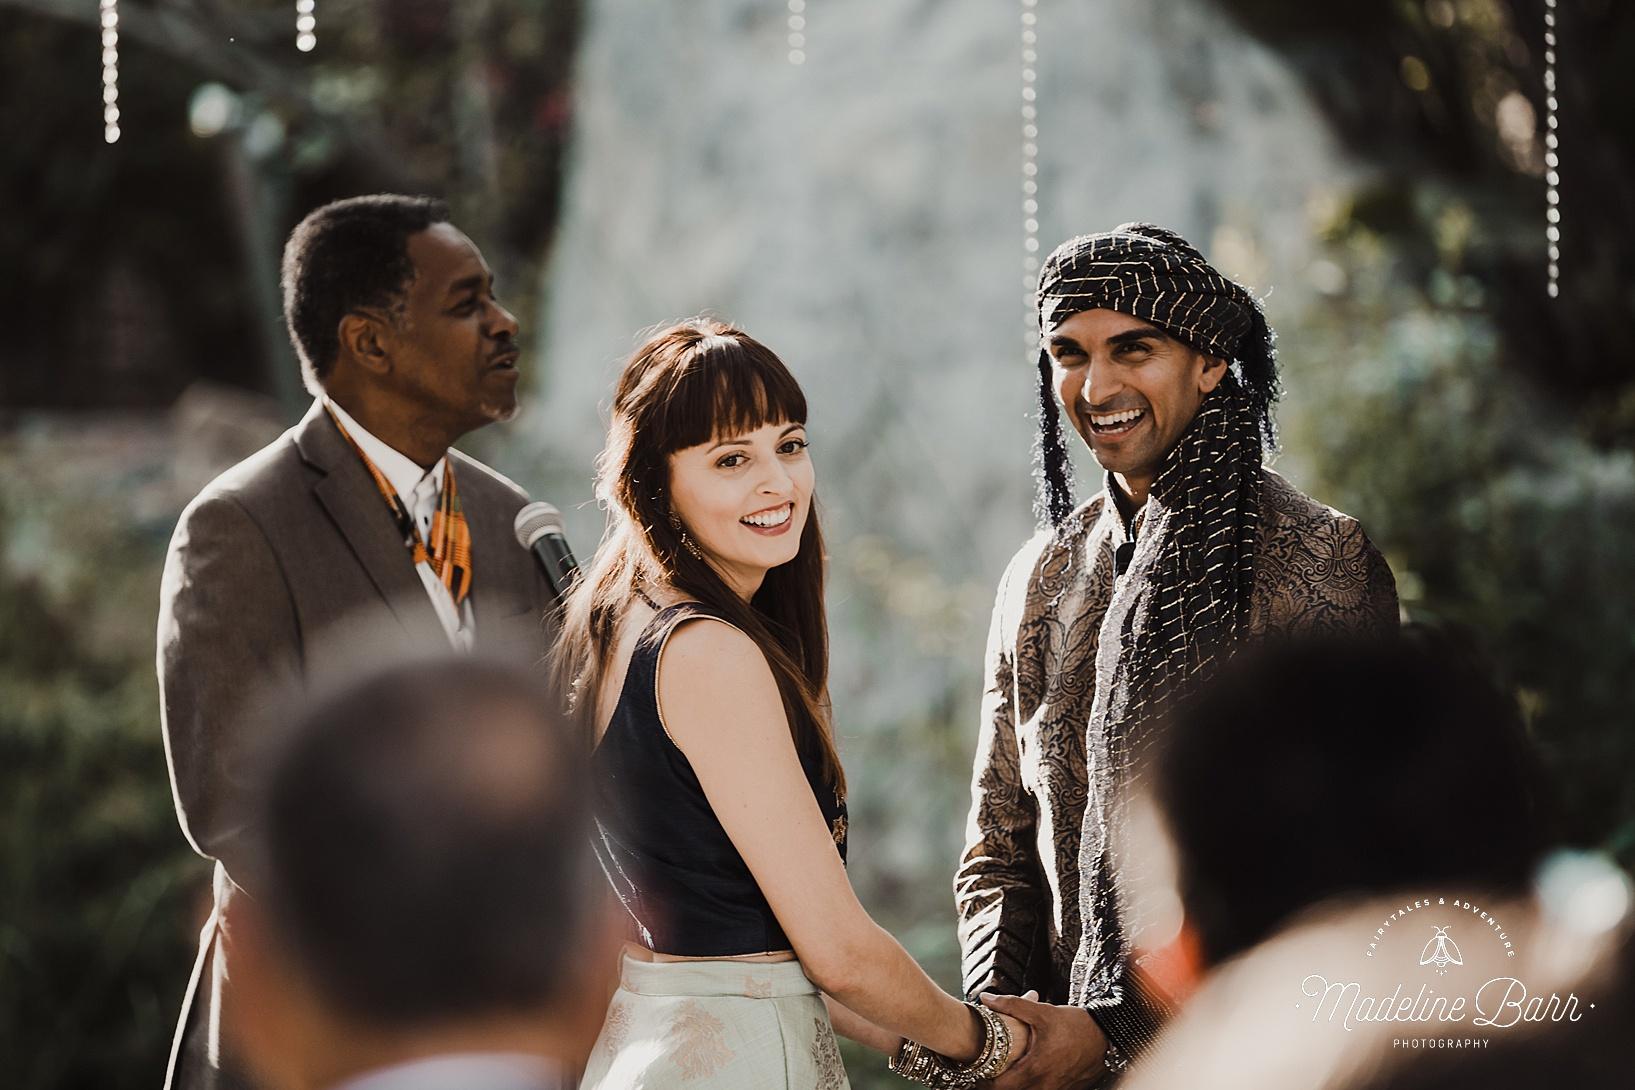 SanDiego_Multicultural_Elopement_Wedding0014.jpg